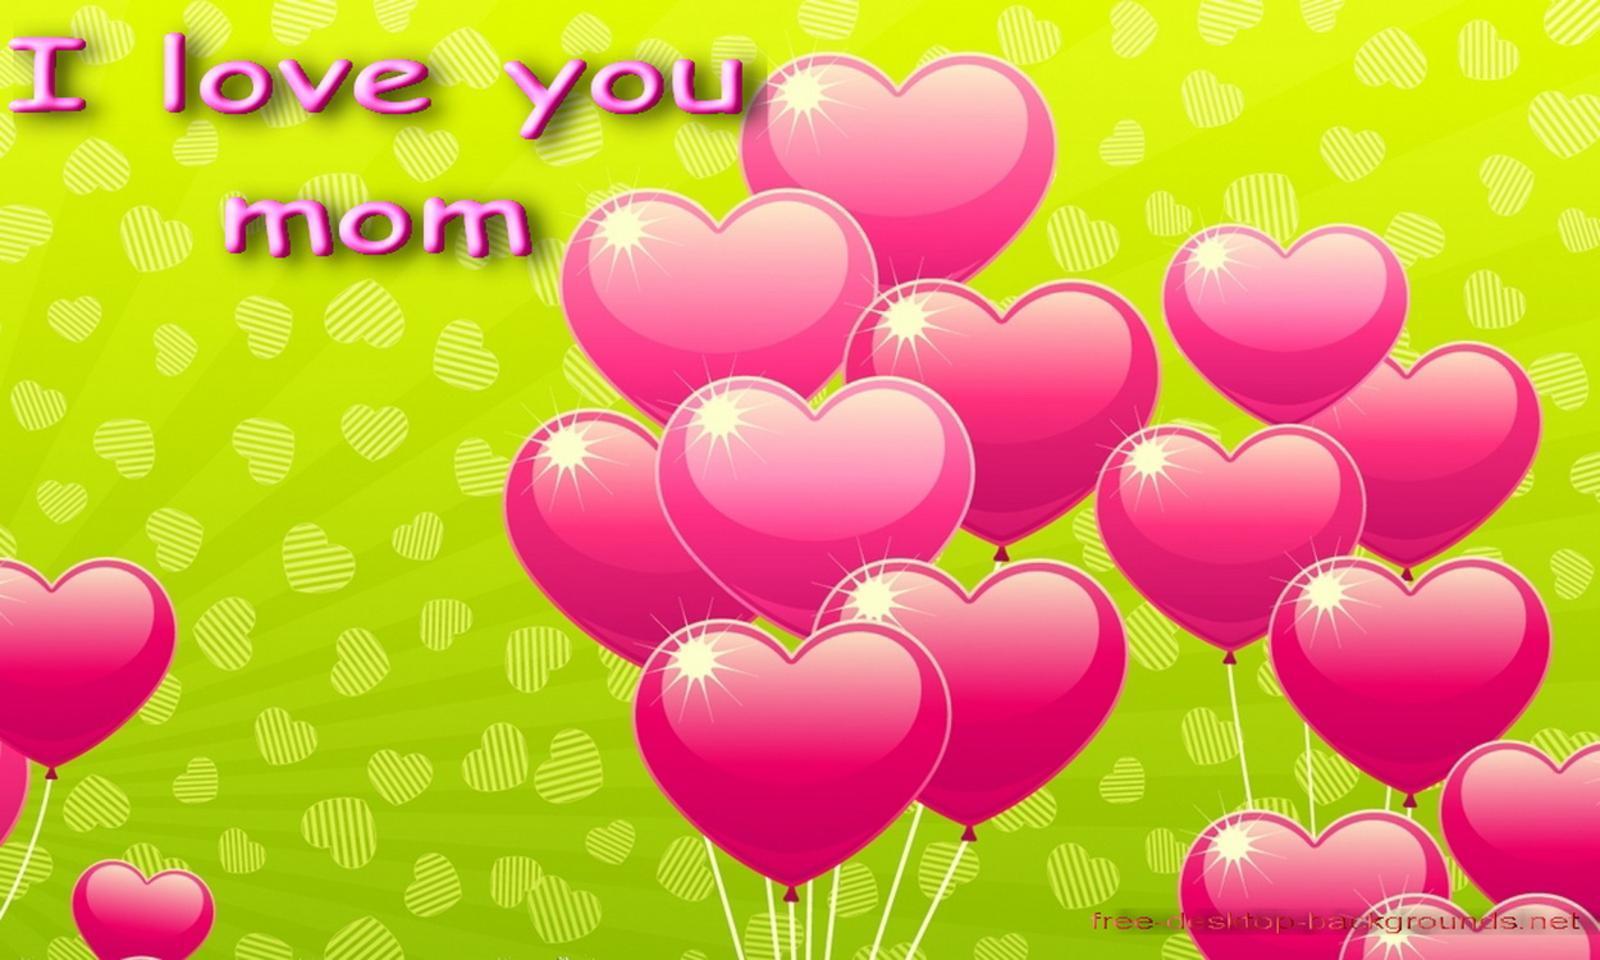 Love My Mom Desktop Wallpaper : I Love You Mom Desktop Wallpapers Desktop Background Wallpapers